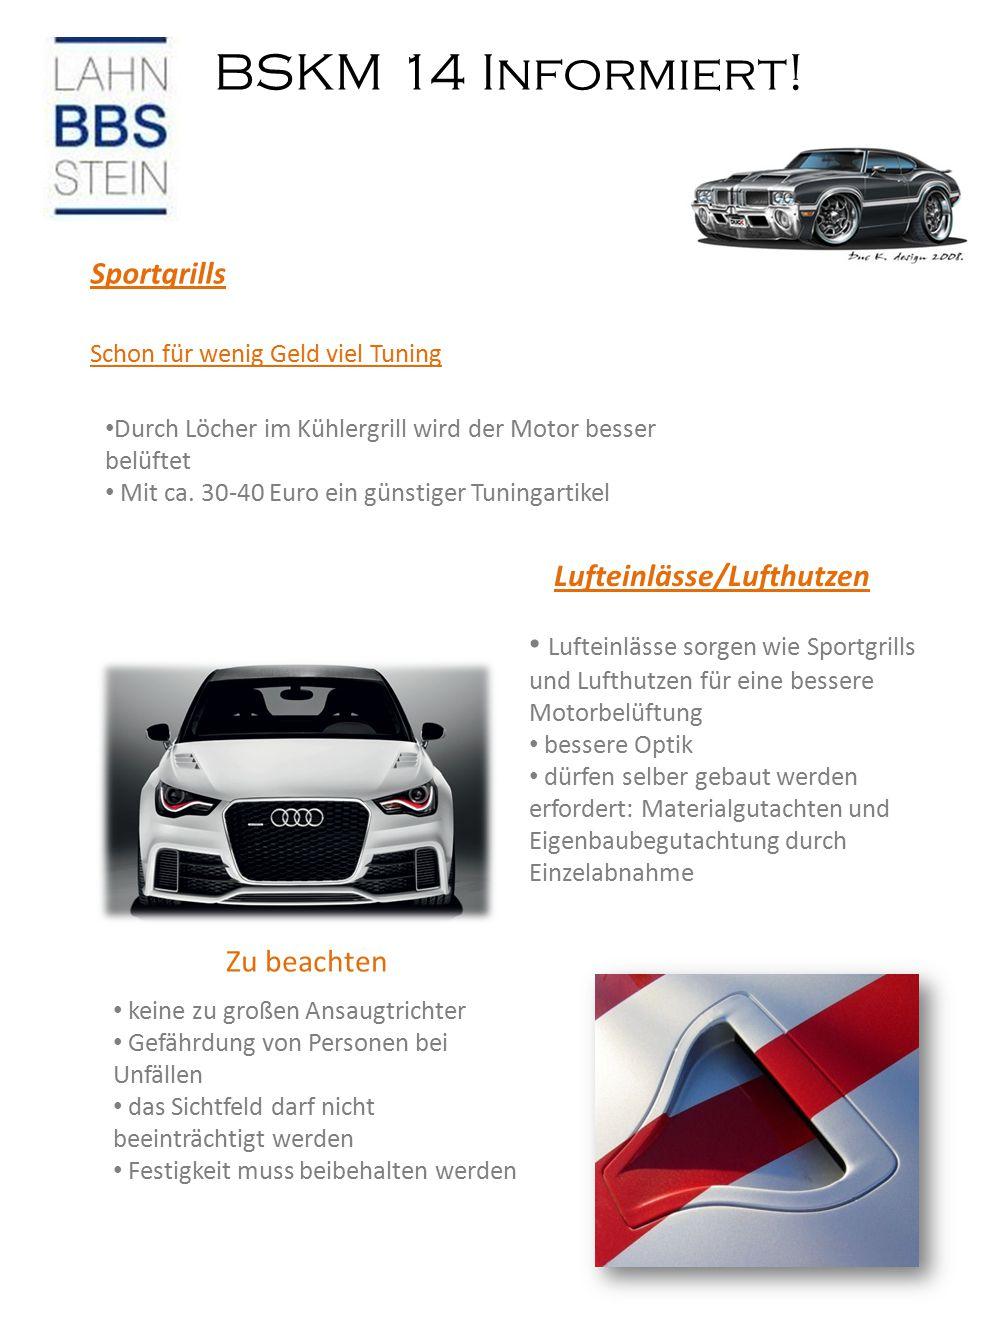 BSKM 14 Informiert! Quellen: Der Dekra-Ratgeber www.google.de/bilder